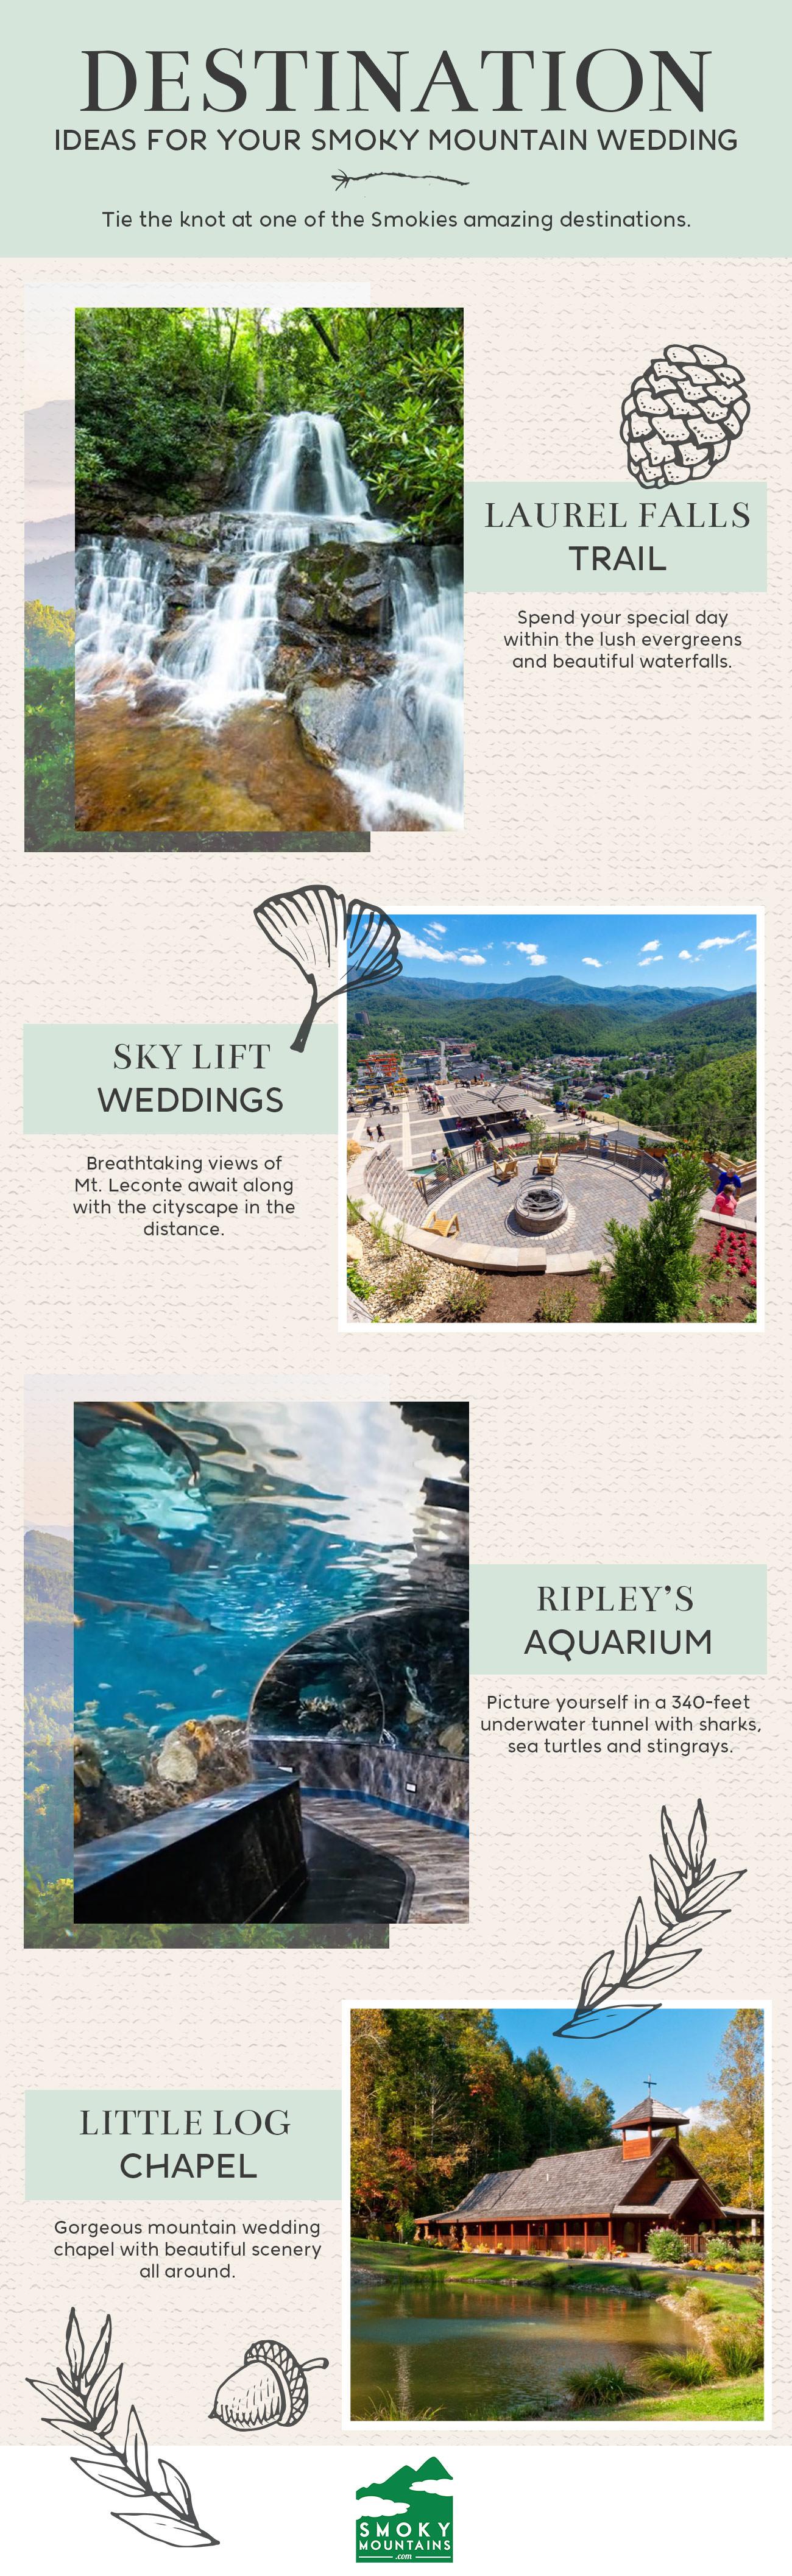 Smoky Mountain Wedding Destination Ideas